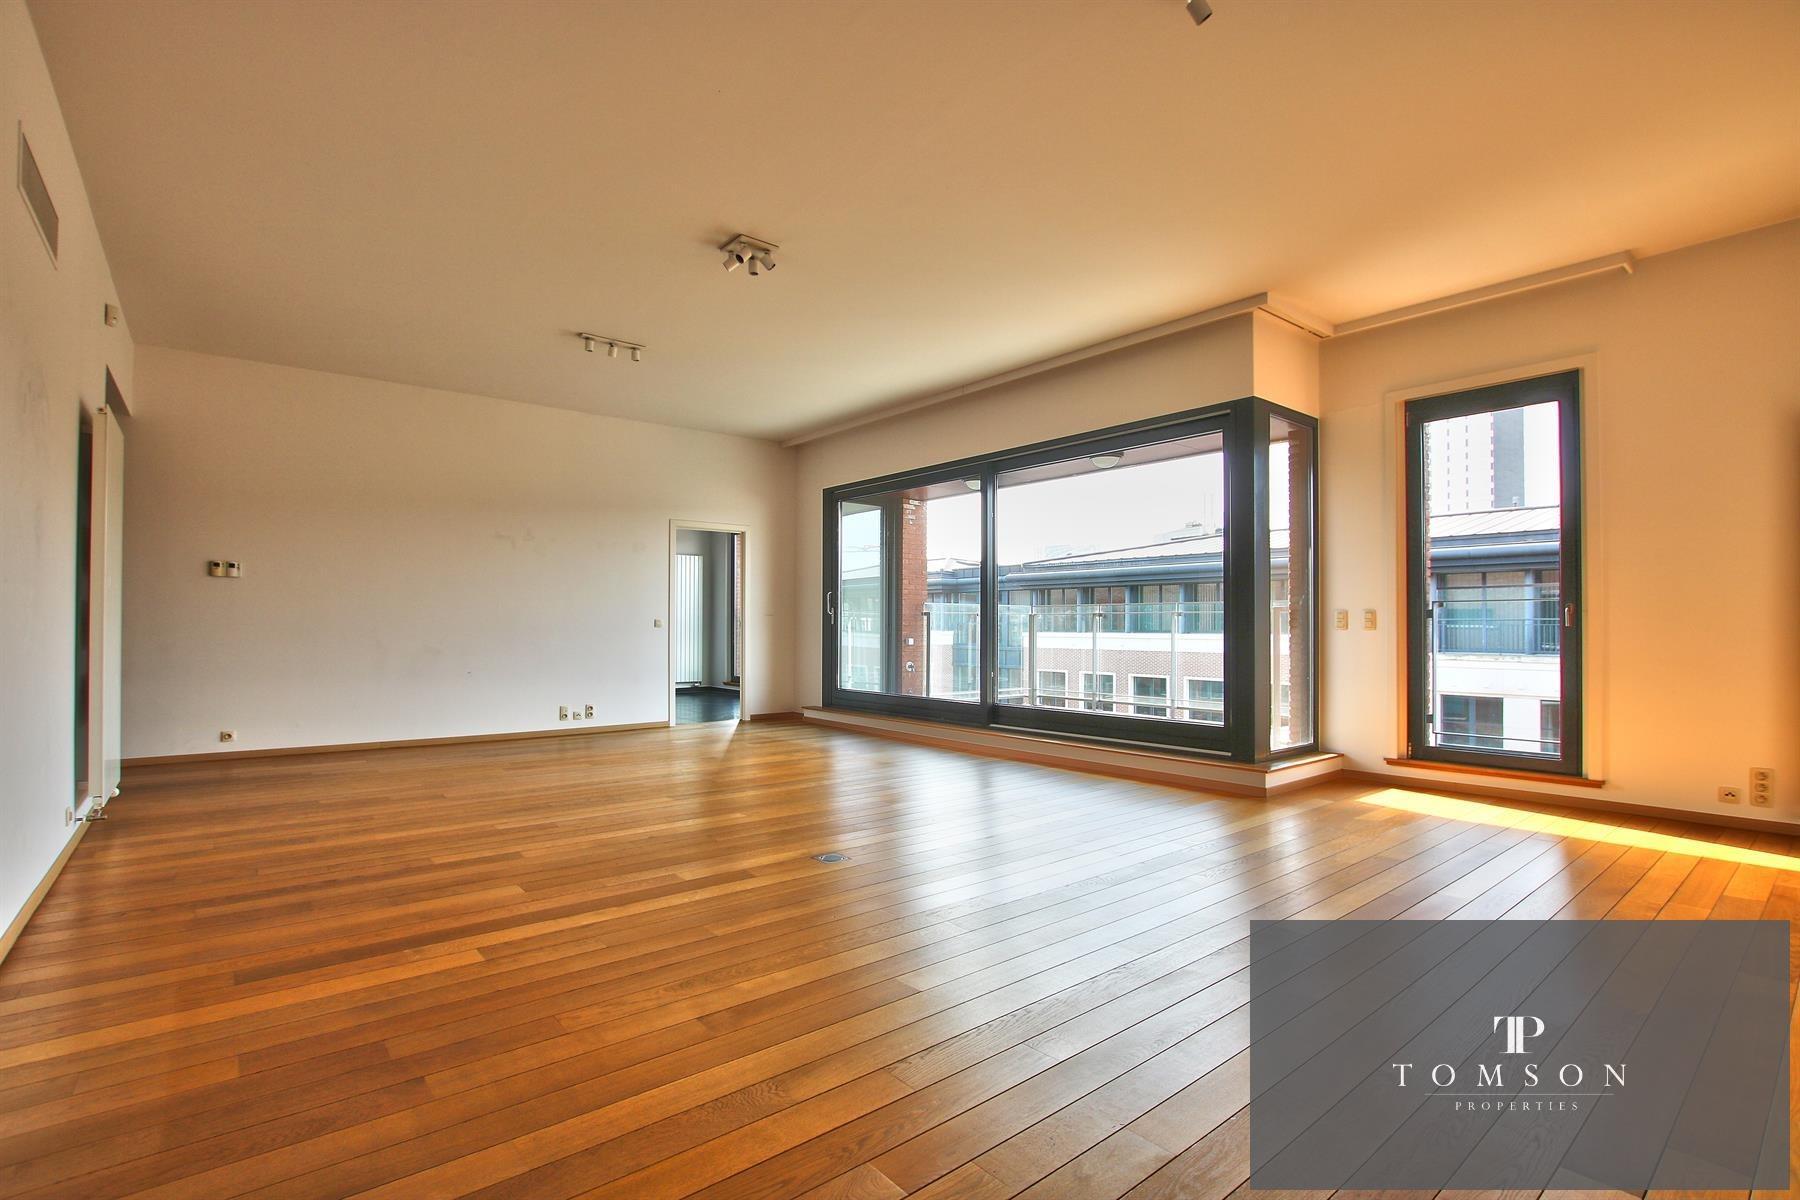 Appartement exceptionnel - Bruxelles - #4533636-4